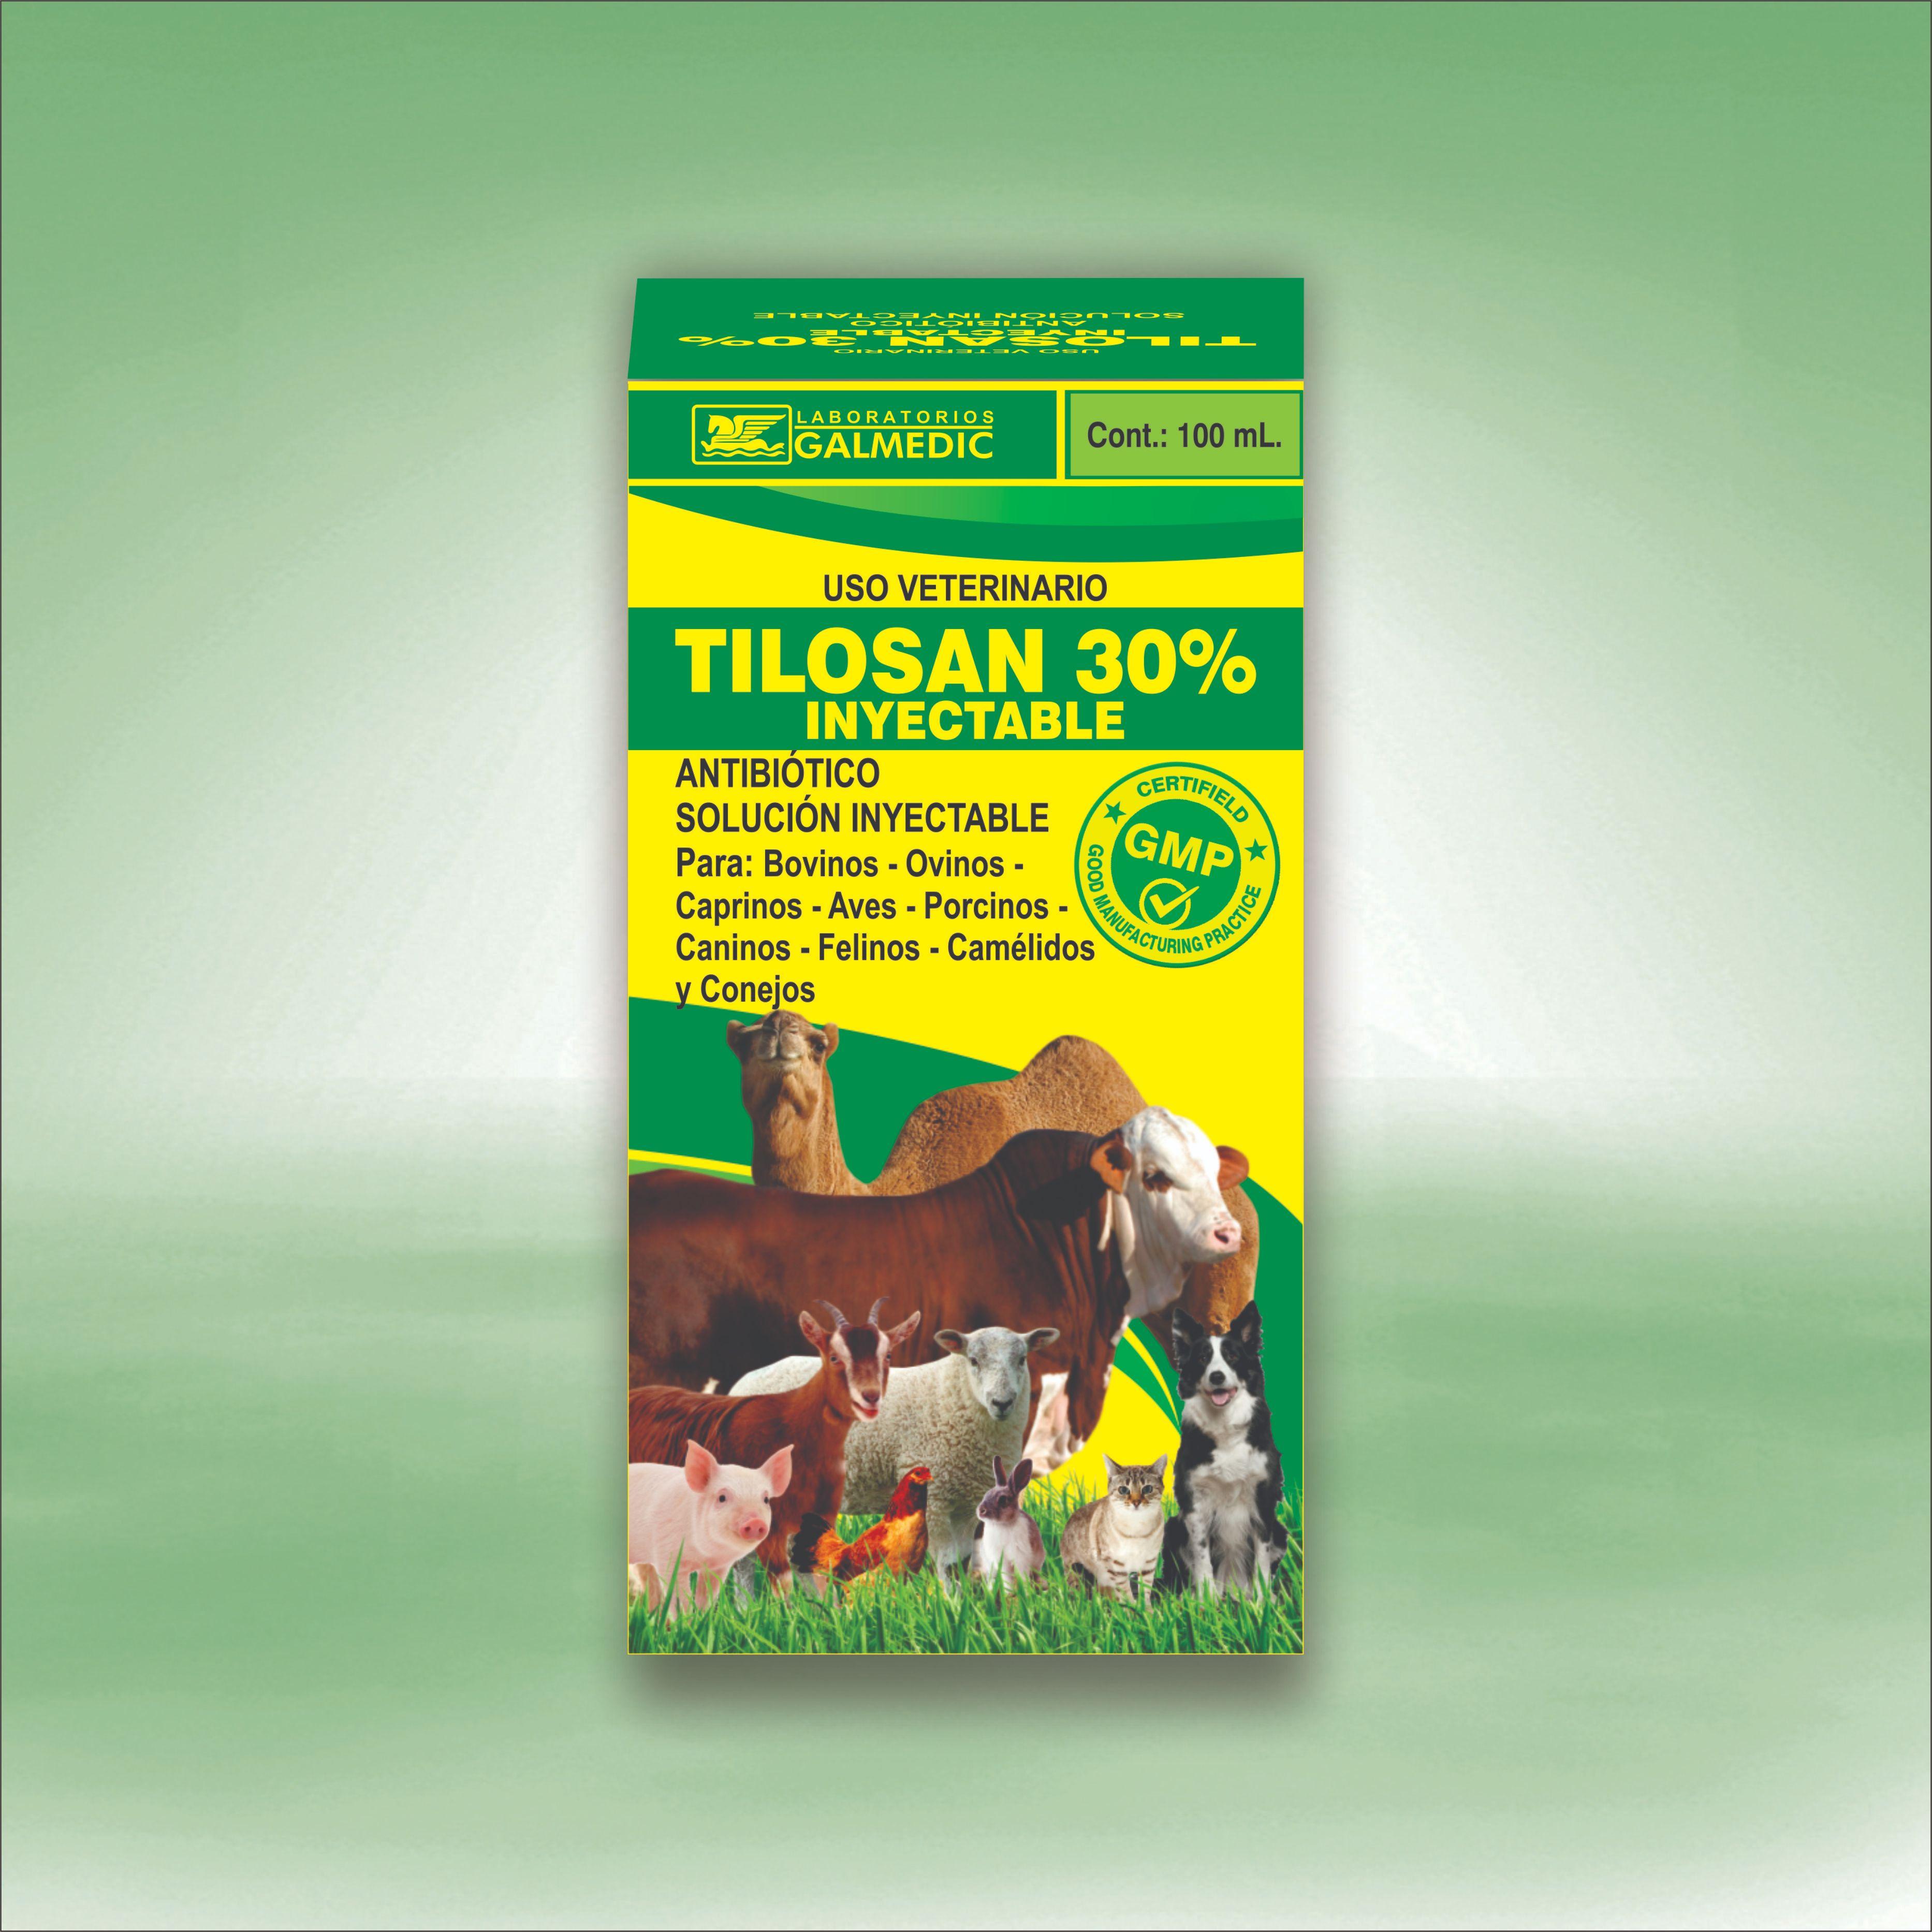 TILOSAN 30% INYECTABLE